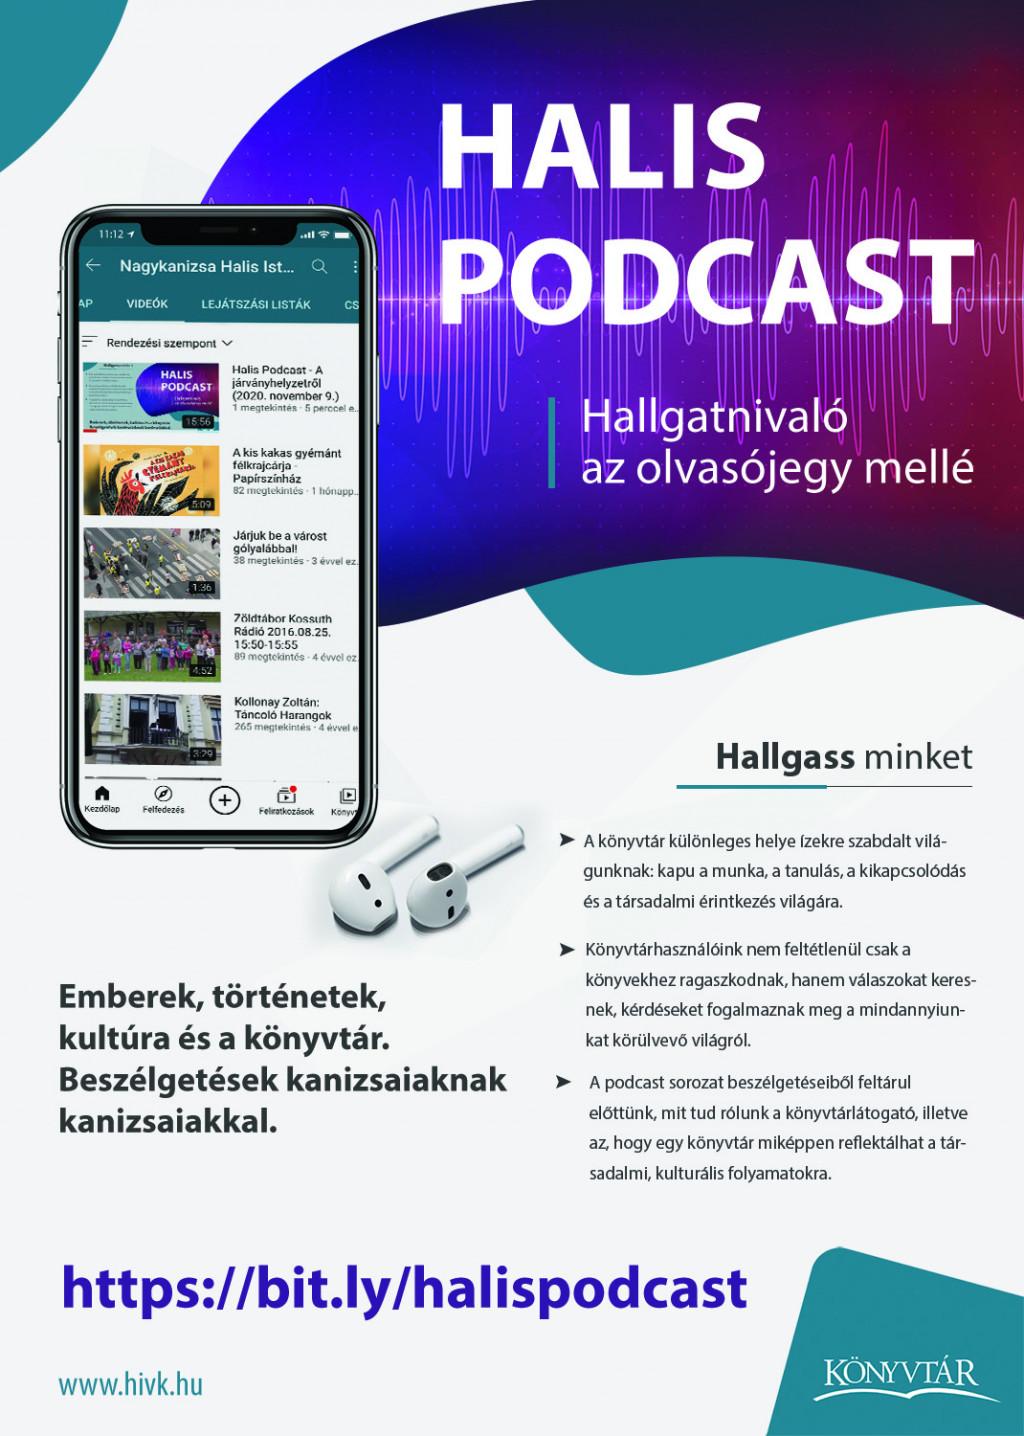 https://www.nagykar.hu/images/hirlevel/591/halispodcastplakat_lg.jpg